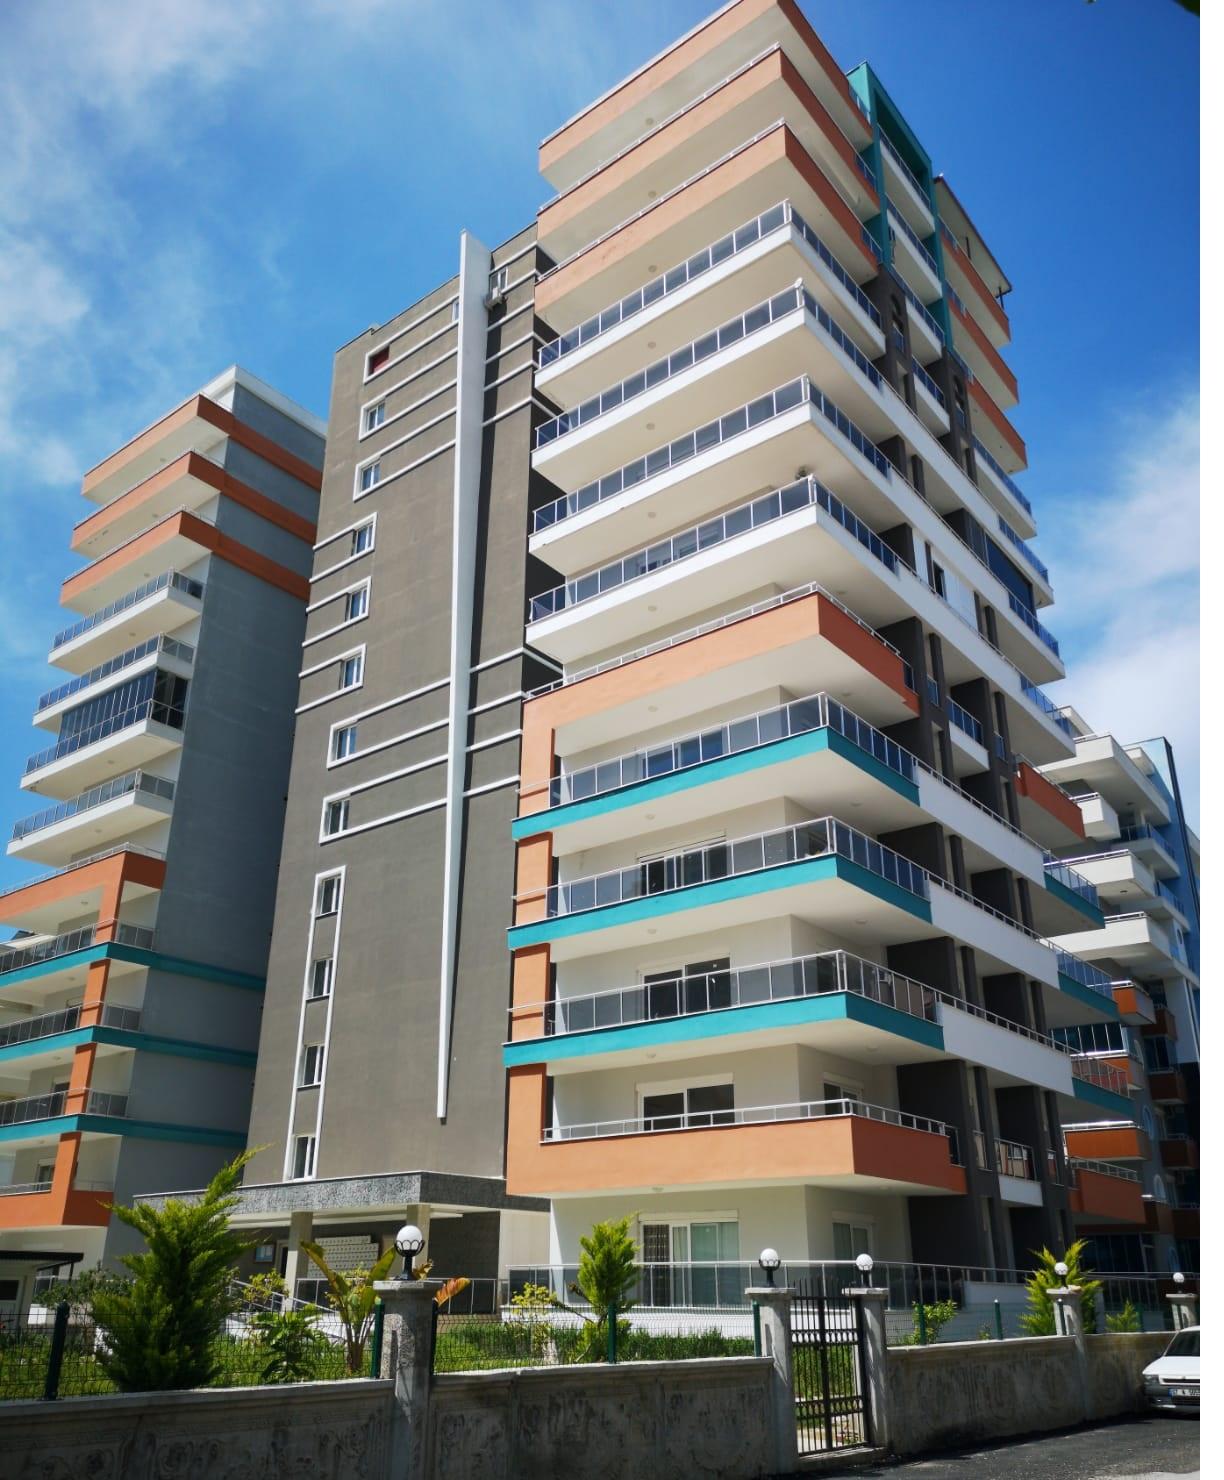 апартаменты 1+1 в ЖК Tezel4, стоимостью 40 000 евро